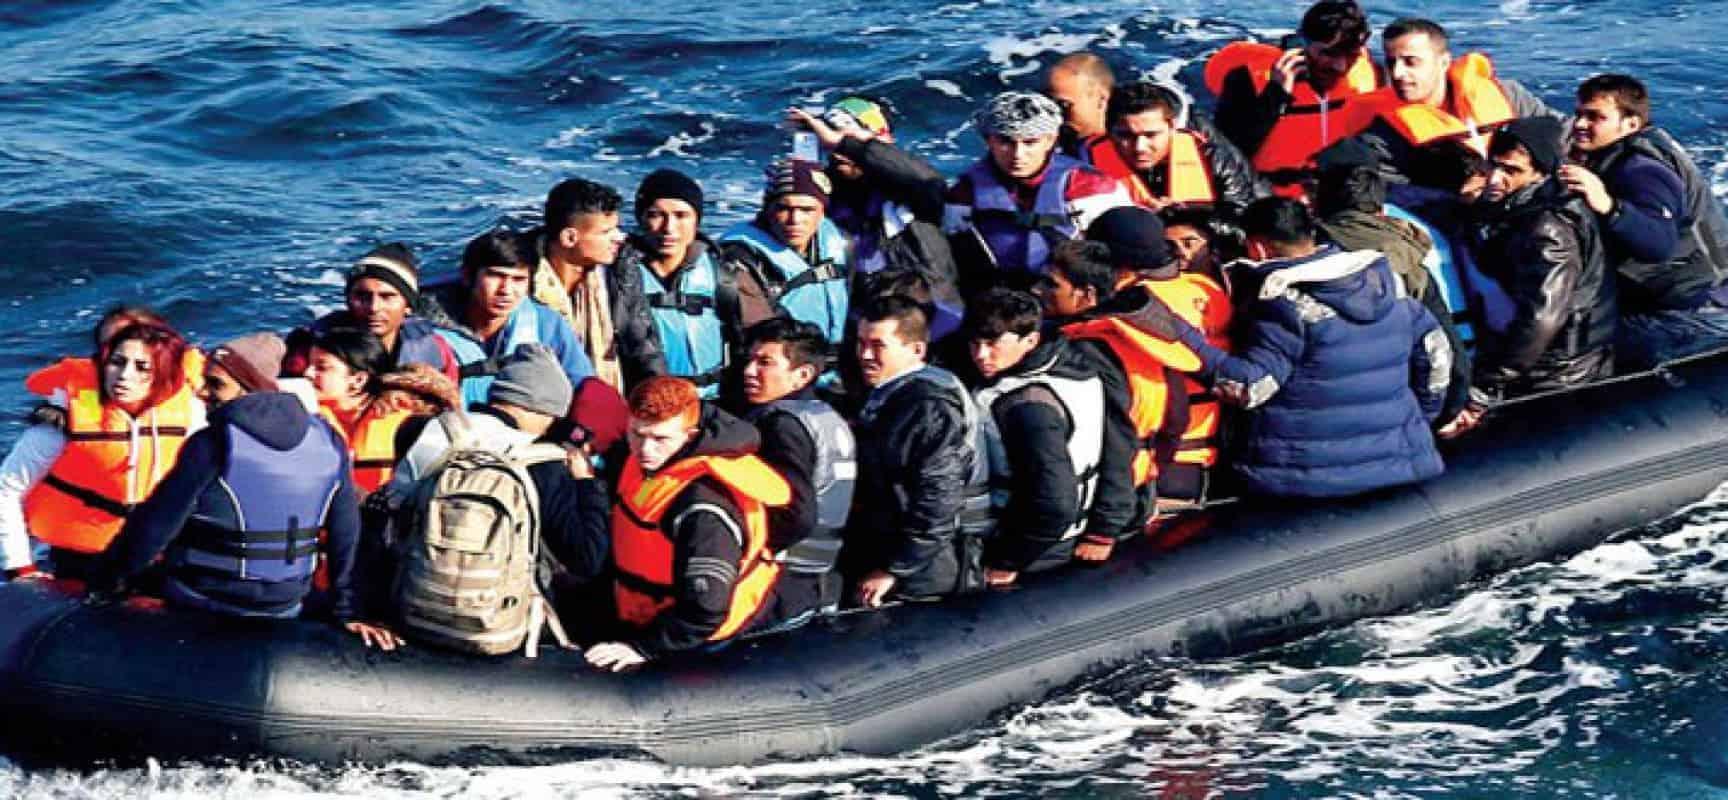 بعد انسداد الآفاق وشعوره بالإحباط، شباب الجزائر يهرب بالآلاف عبر قوارب  الموت إلى إسبانيا